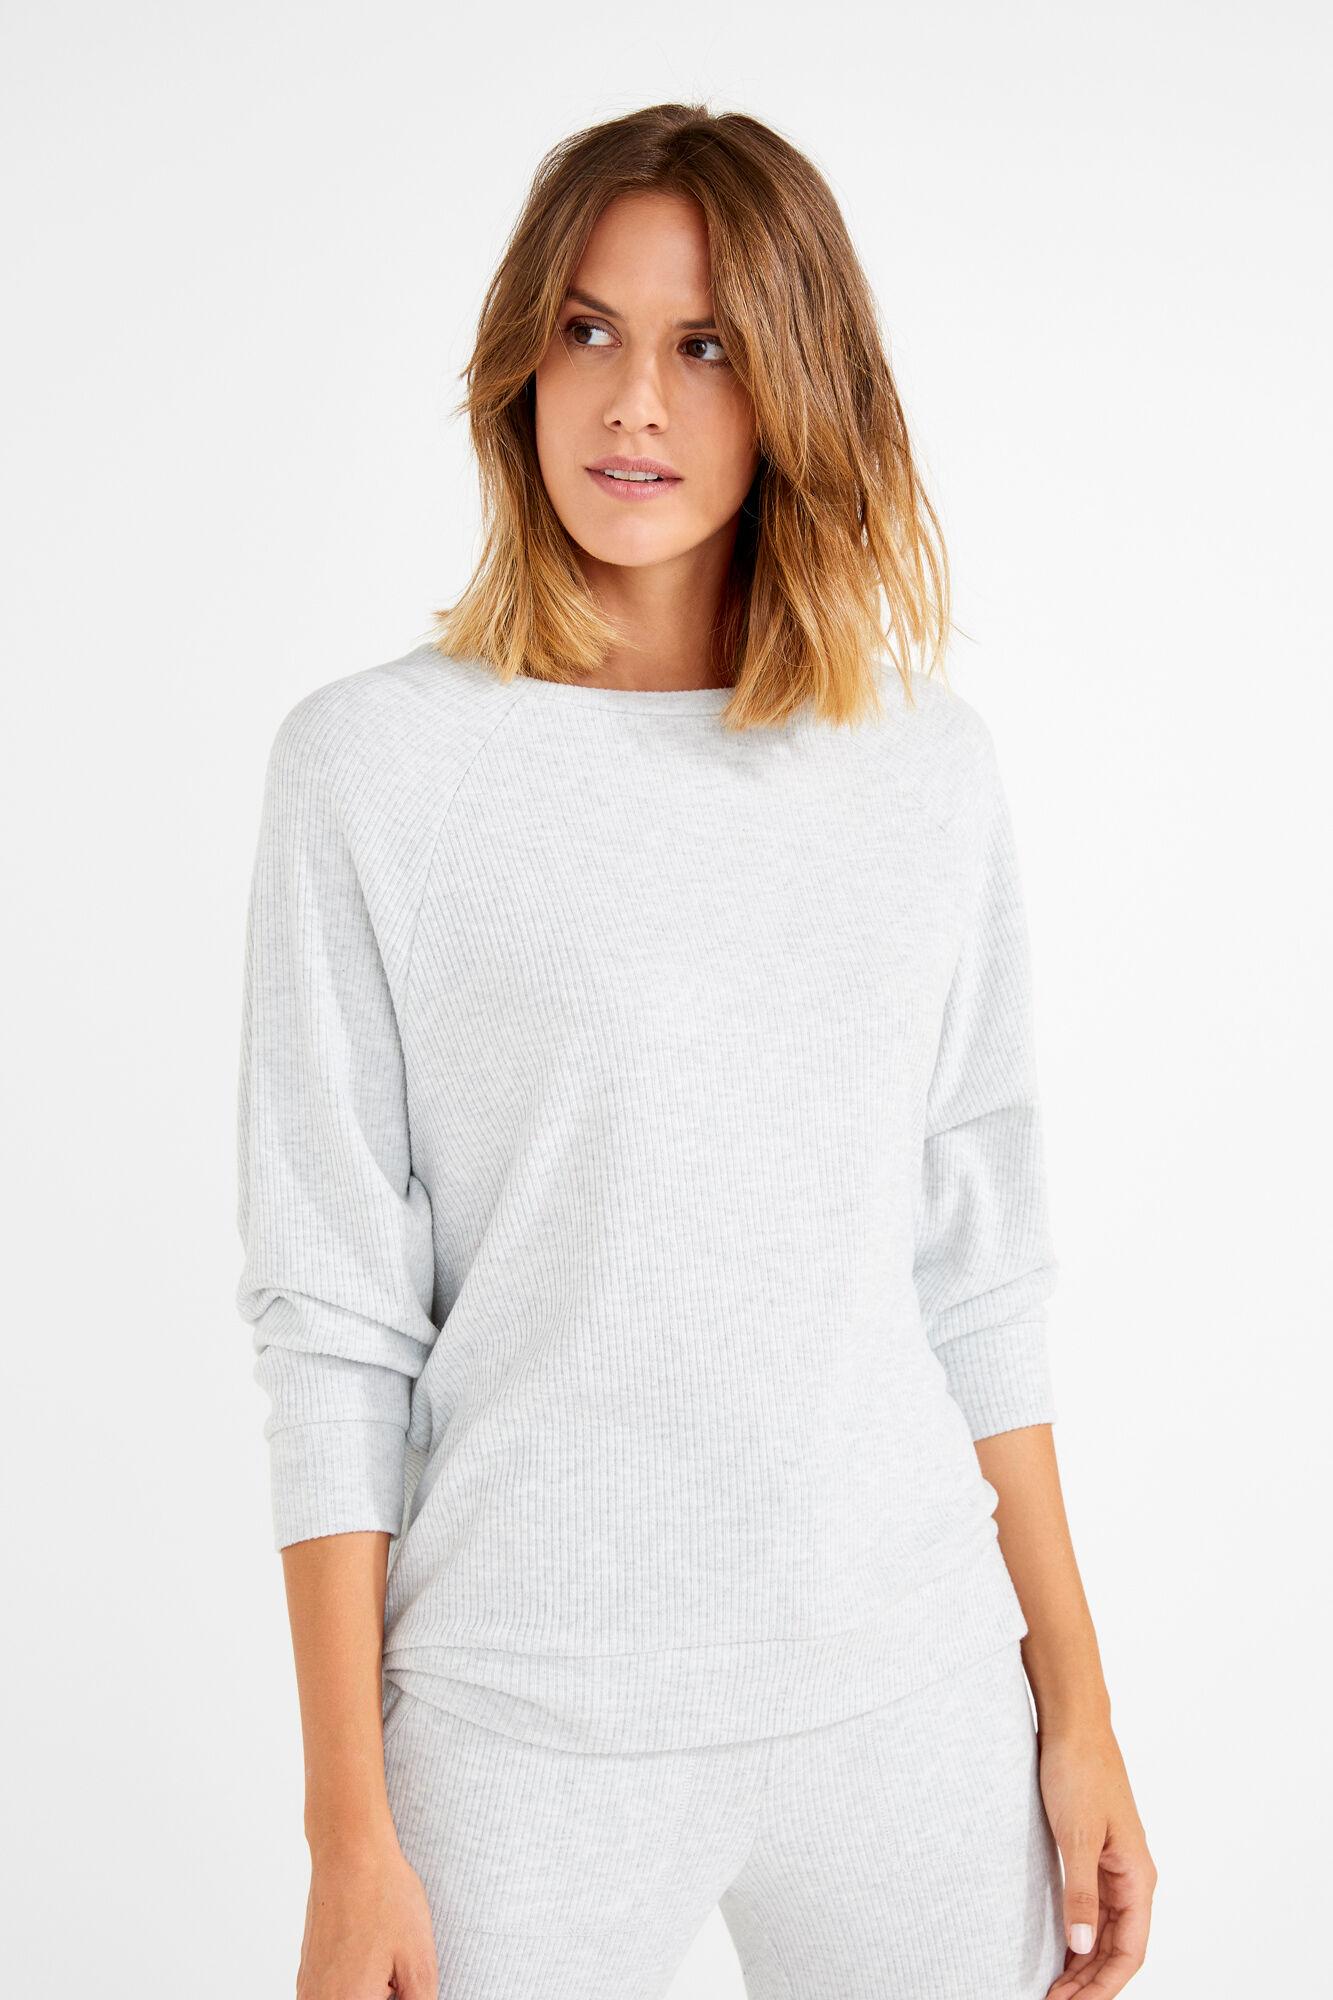 37b12d34c5 Camisola de malha   T-shirts   Women'secret